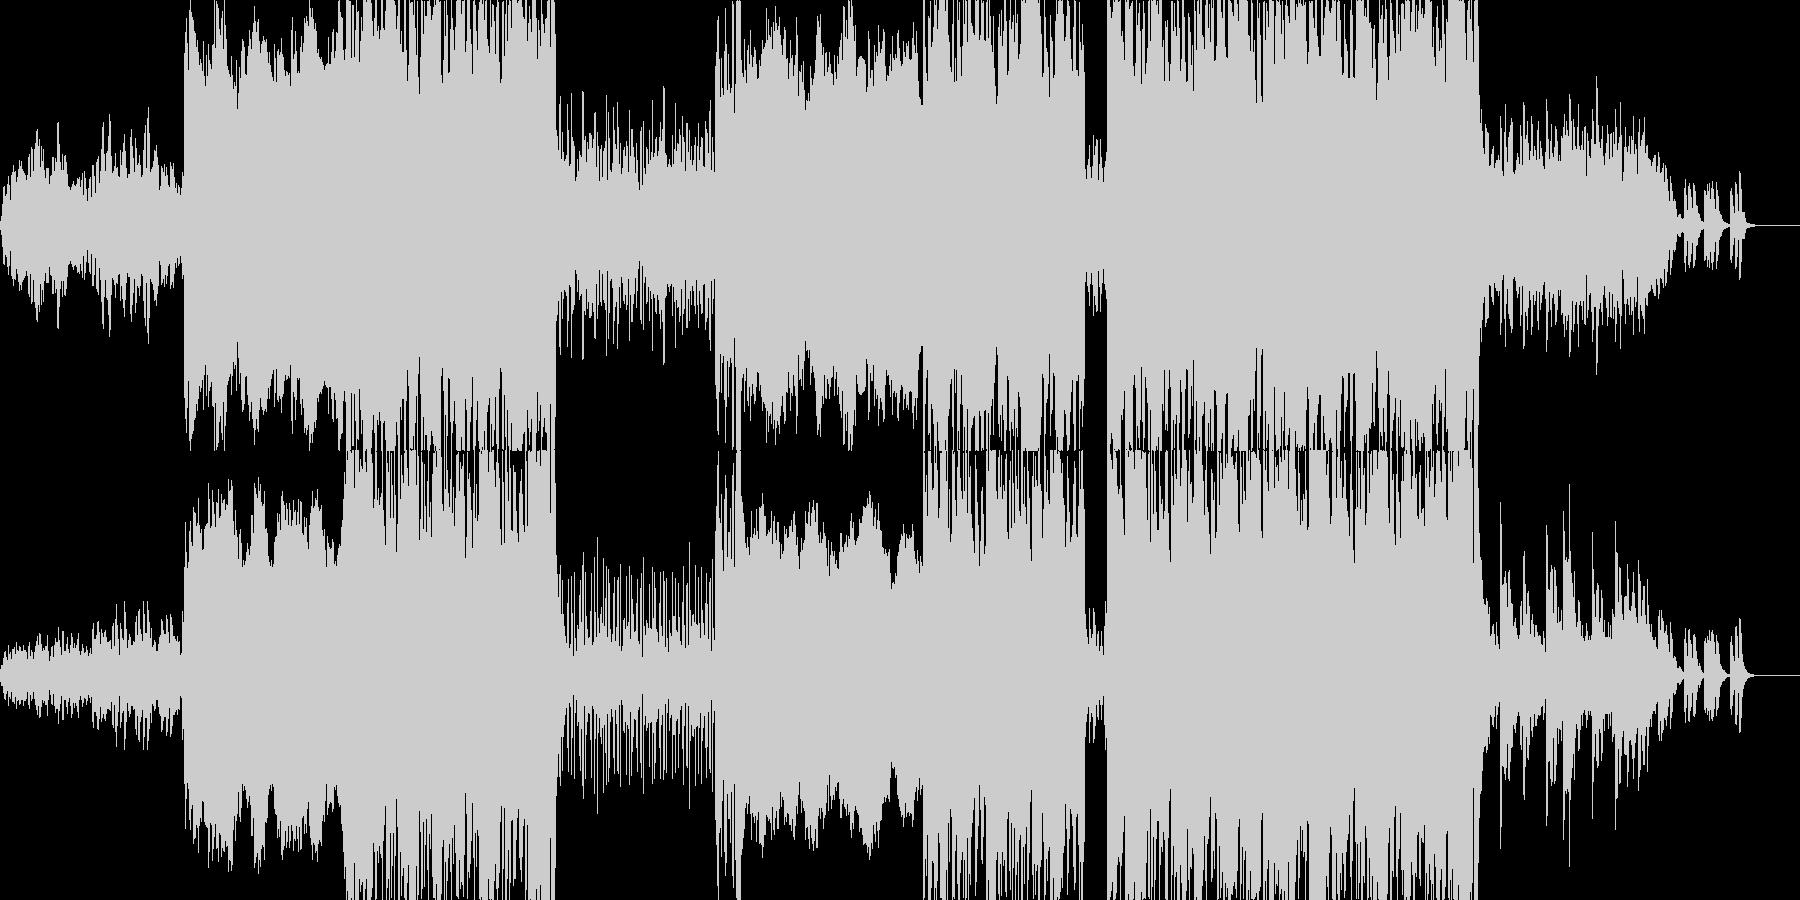 エンドロールなどに最適な楽曲ですの未再生の波形